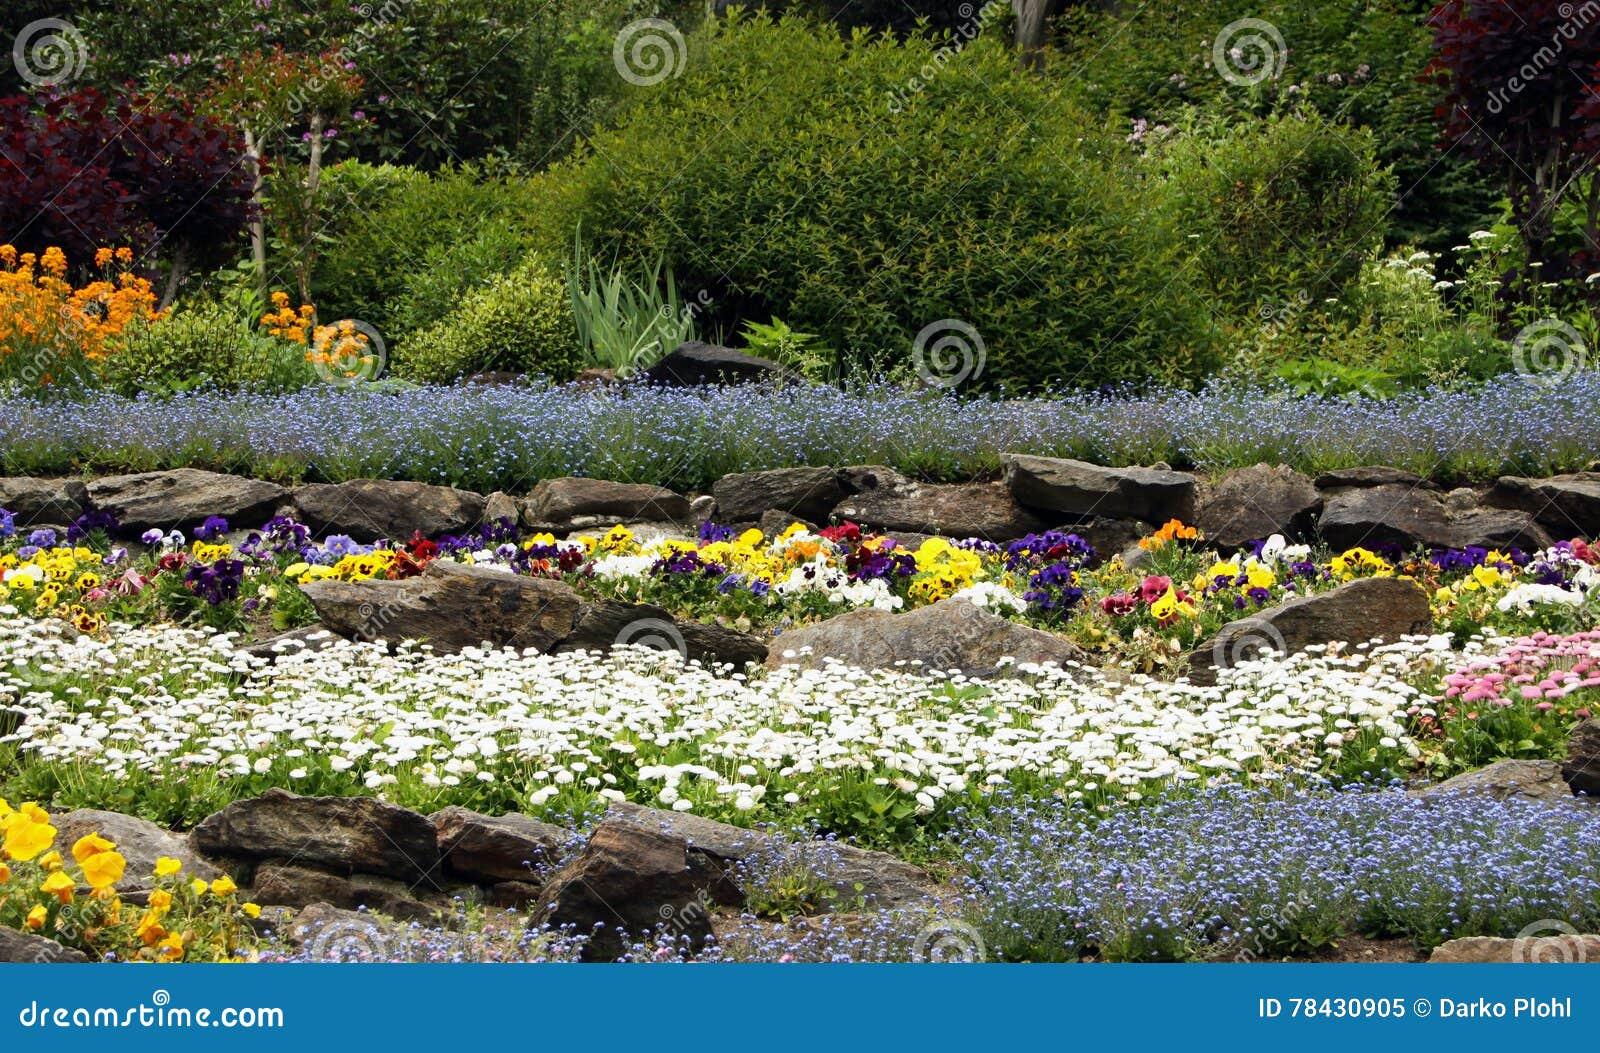 Giardino di rocce con le piante perenni di fioritura for Piante giardino perenni